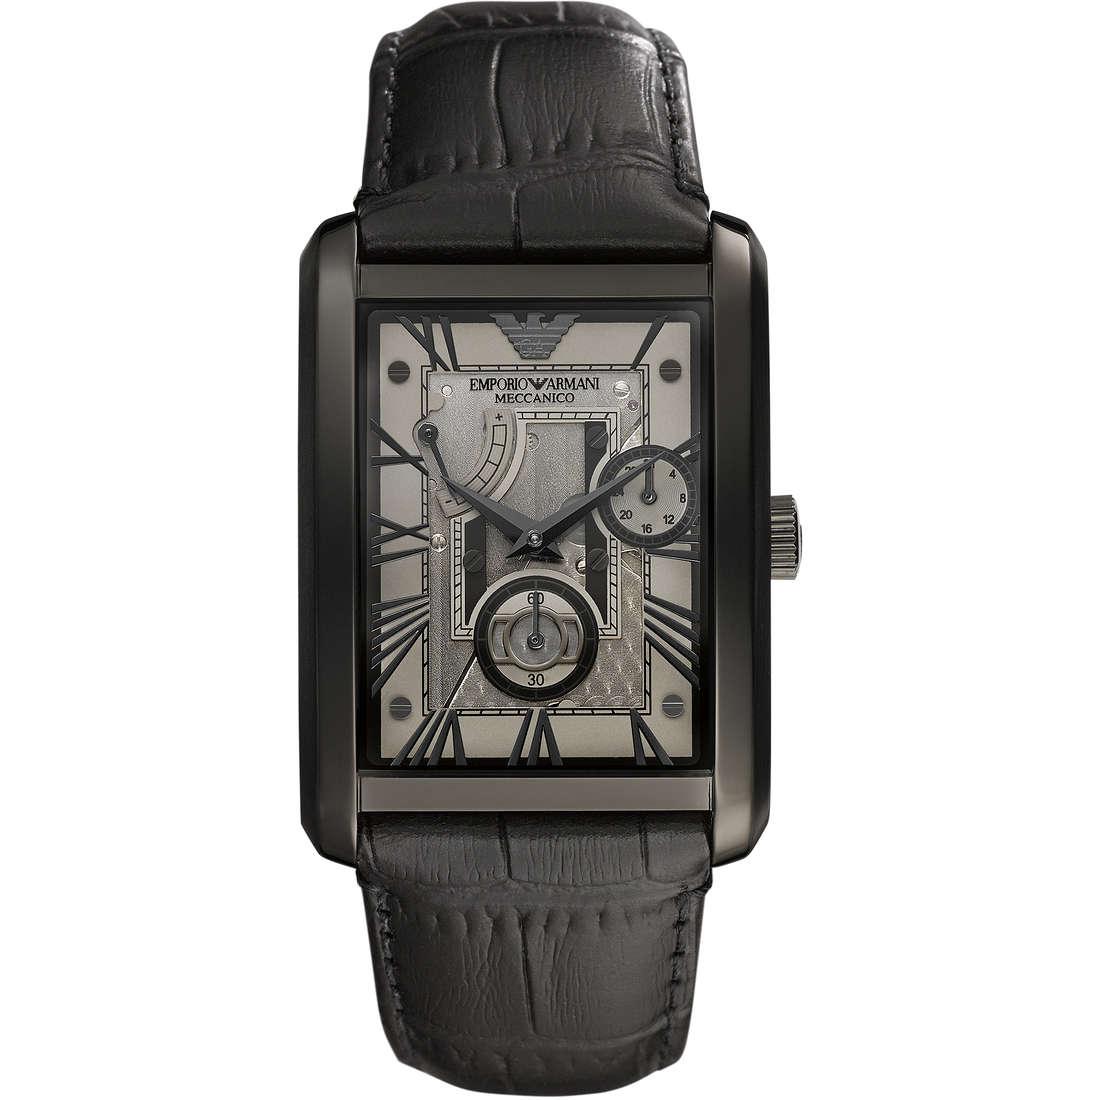 orologio meccanico uomo Emporio Armani Fall 2013 AR4244